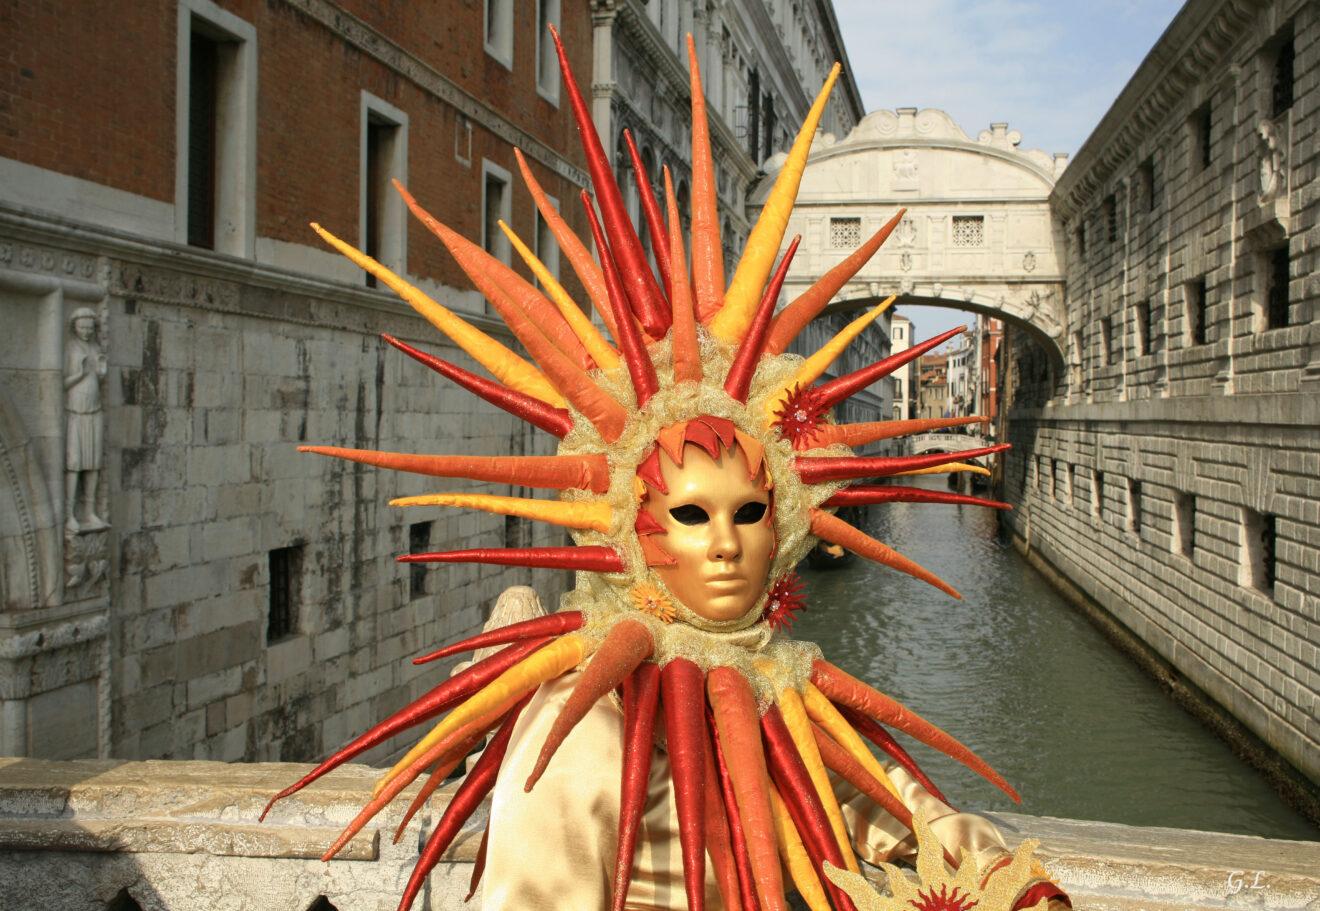 carnevale venezia - lastminute